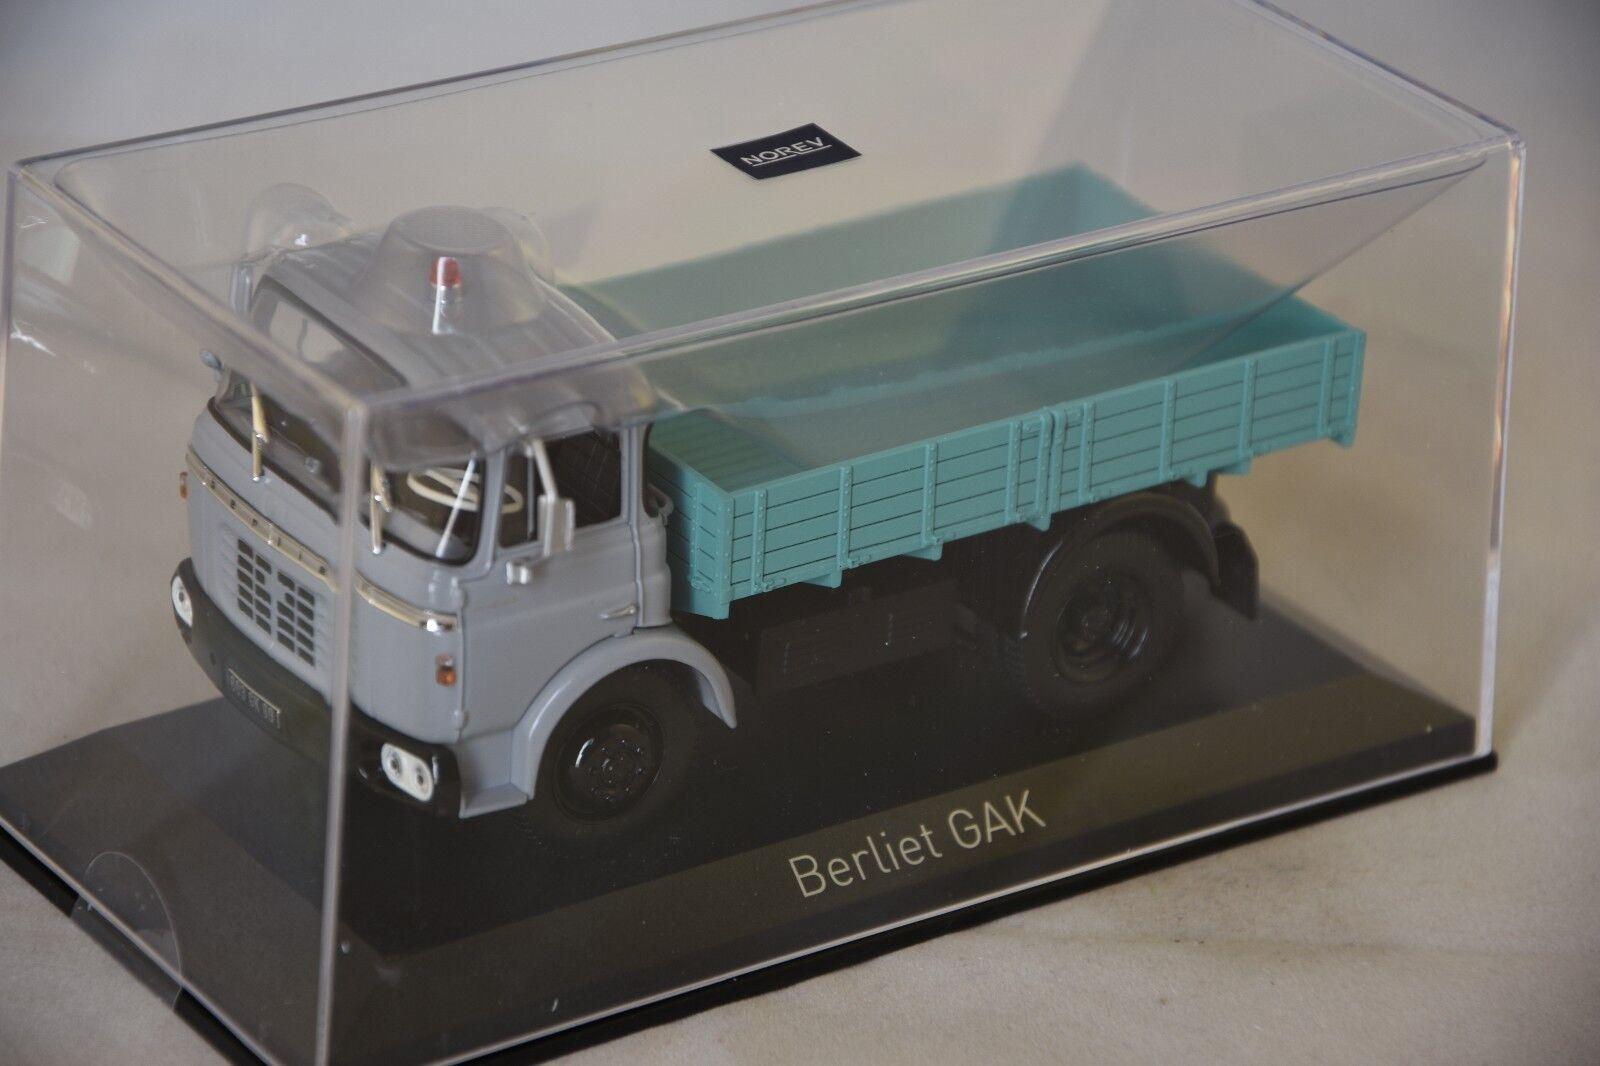 Norev 690000-berliet gak tipper 1960 grey 1 43